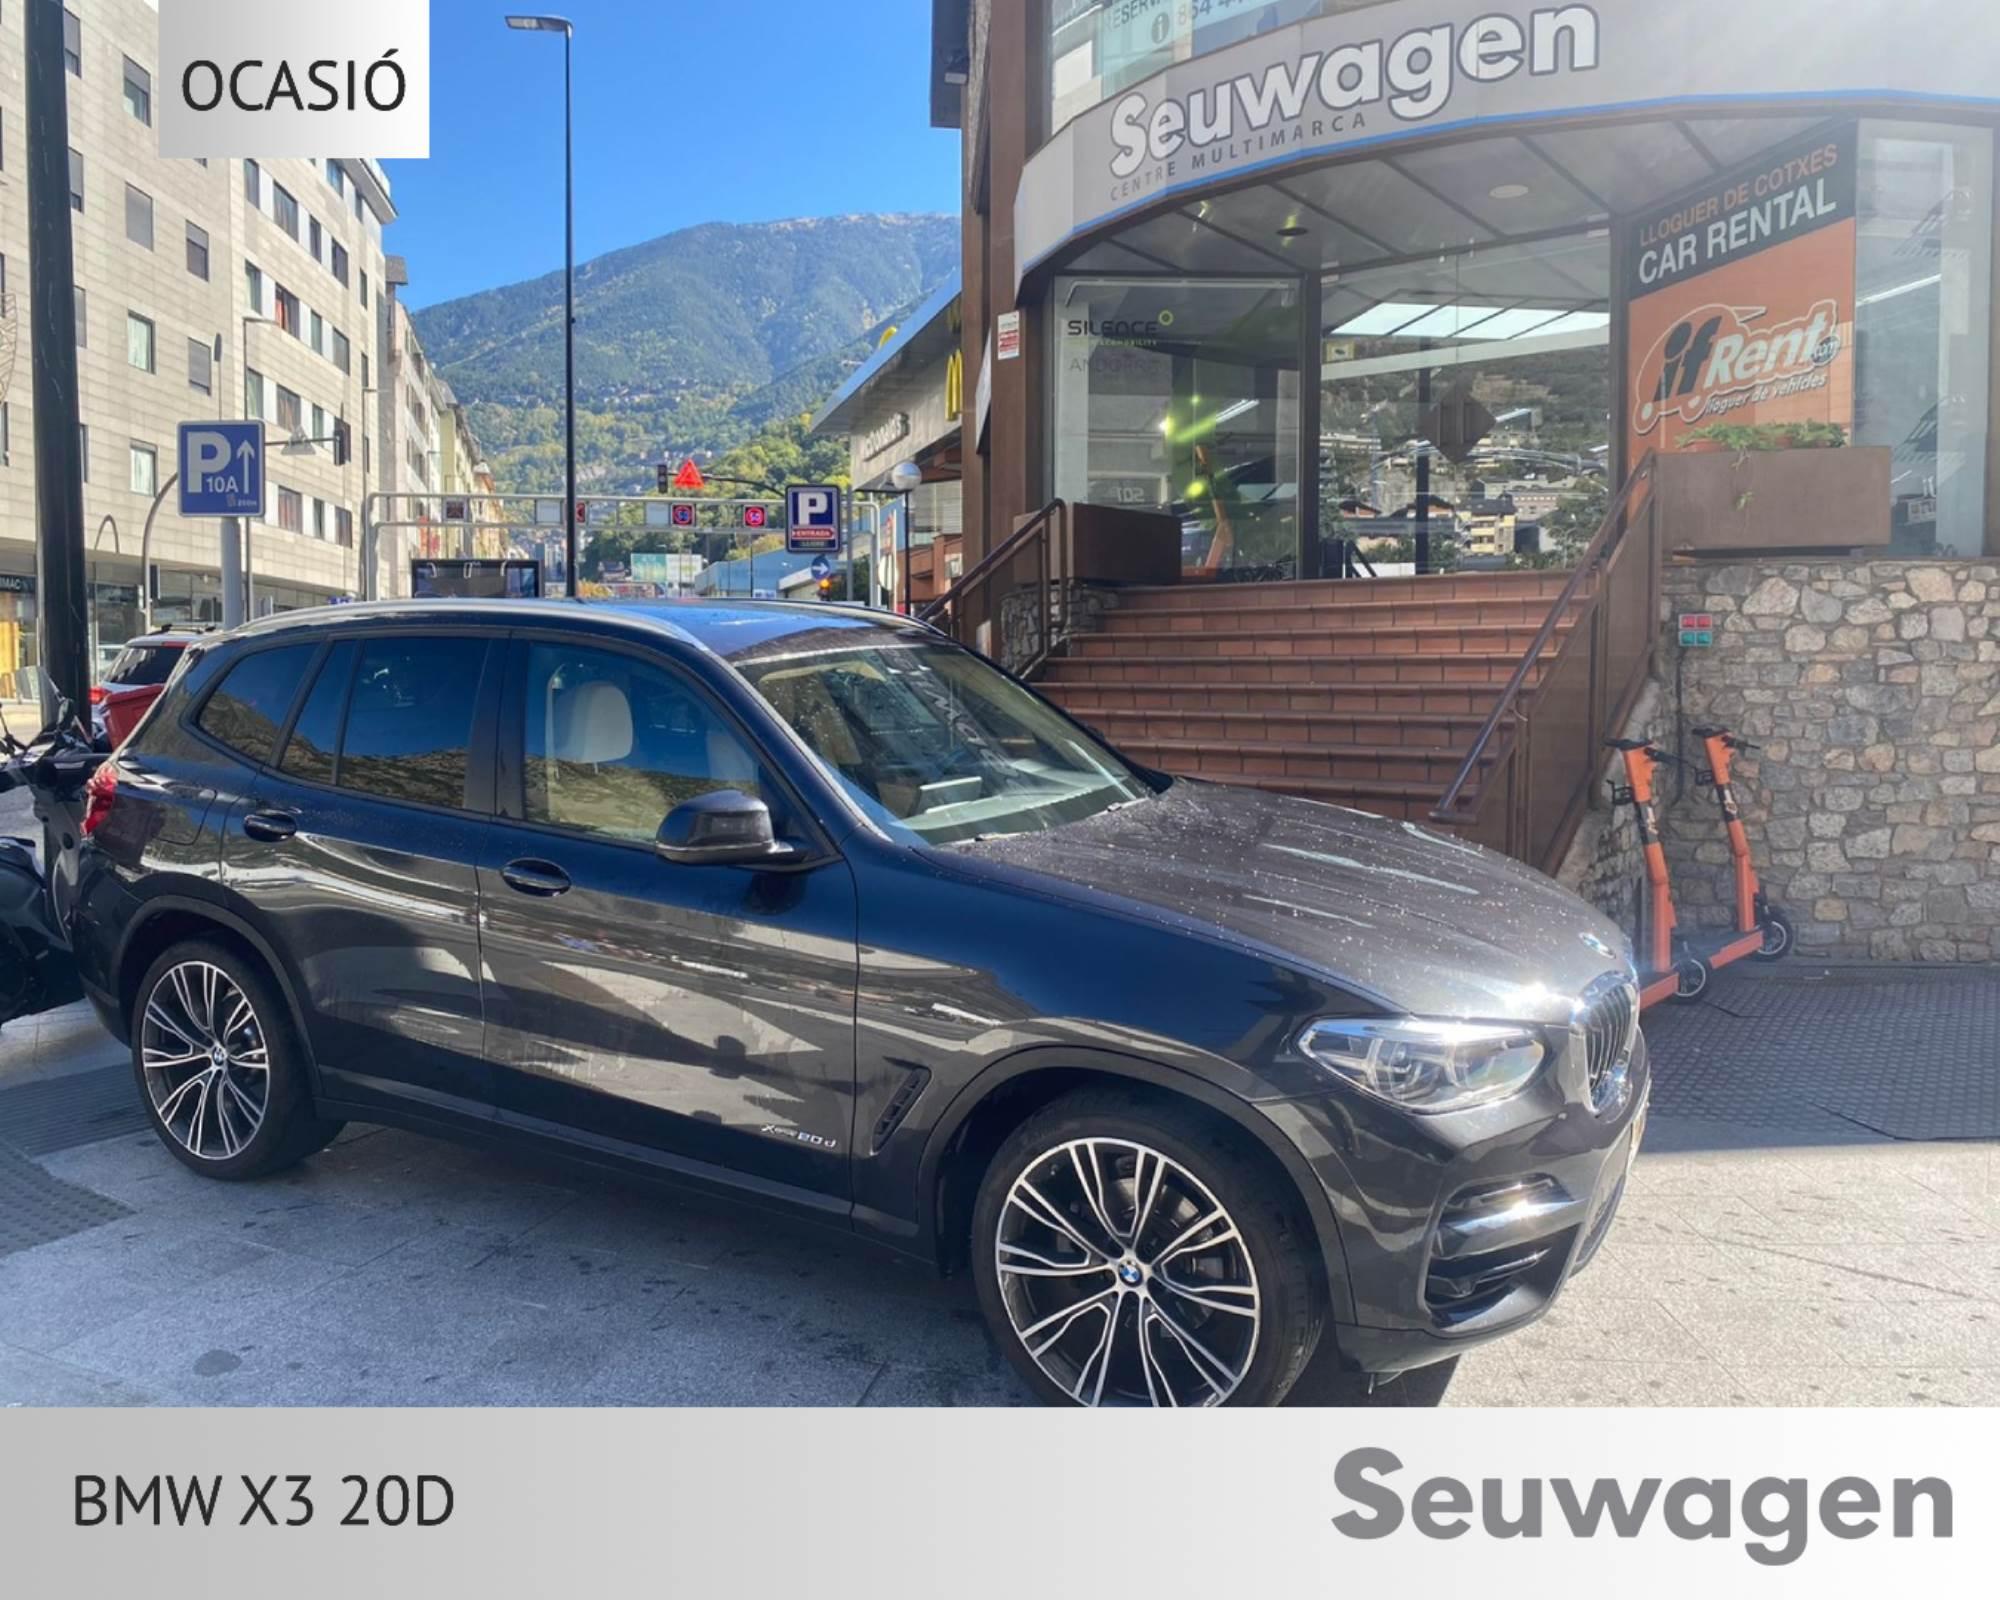 BMW - X3 - Xdrive 20D   37.900 €